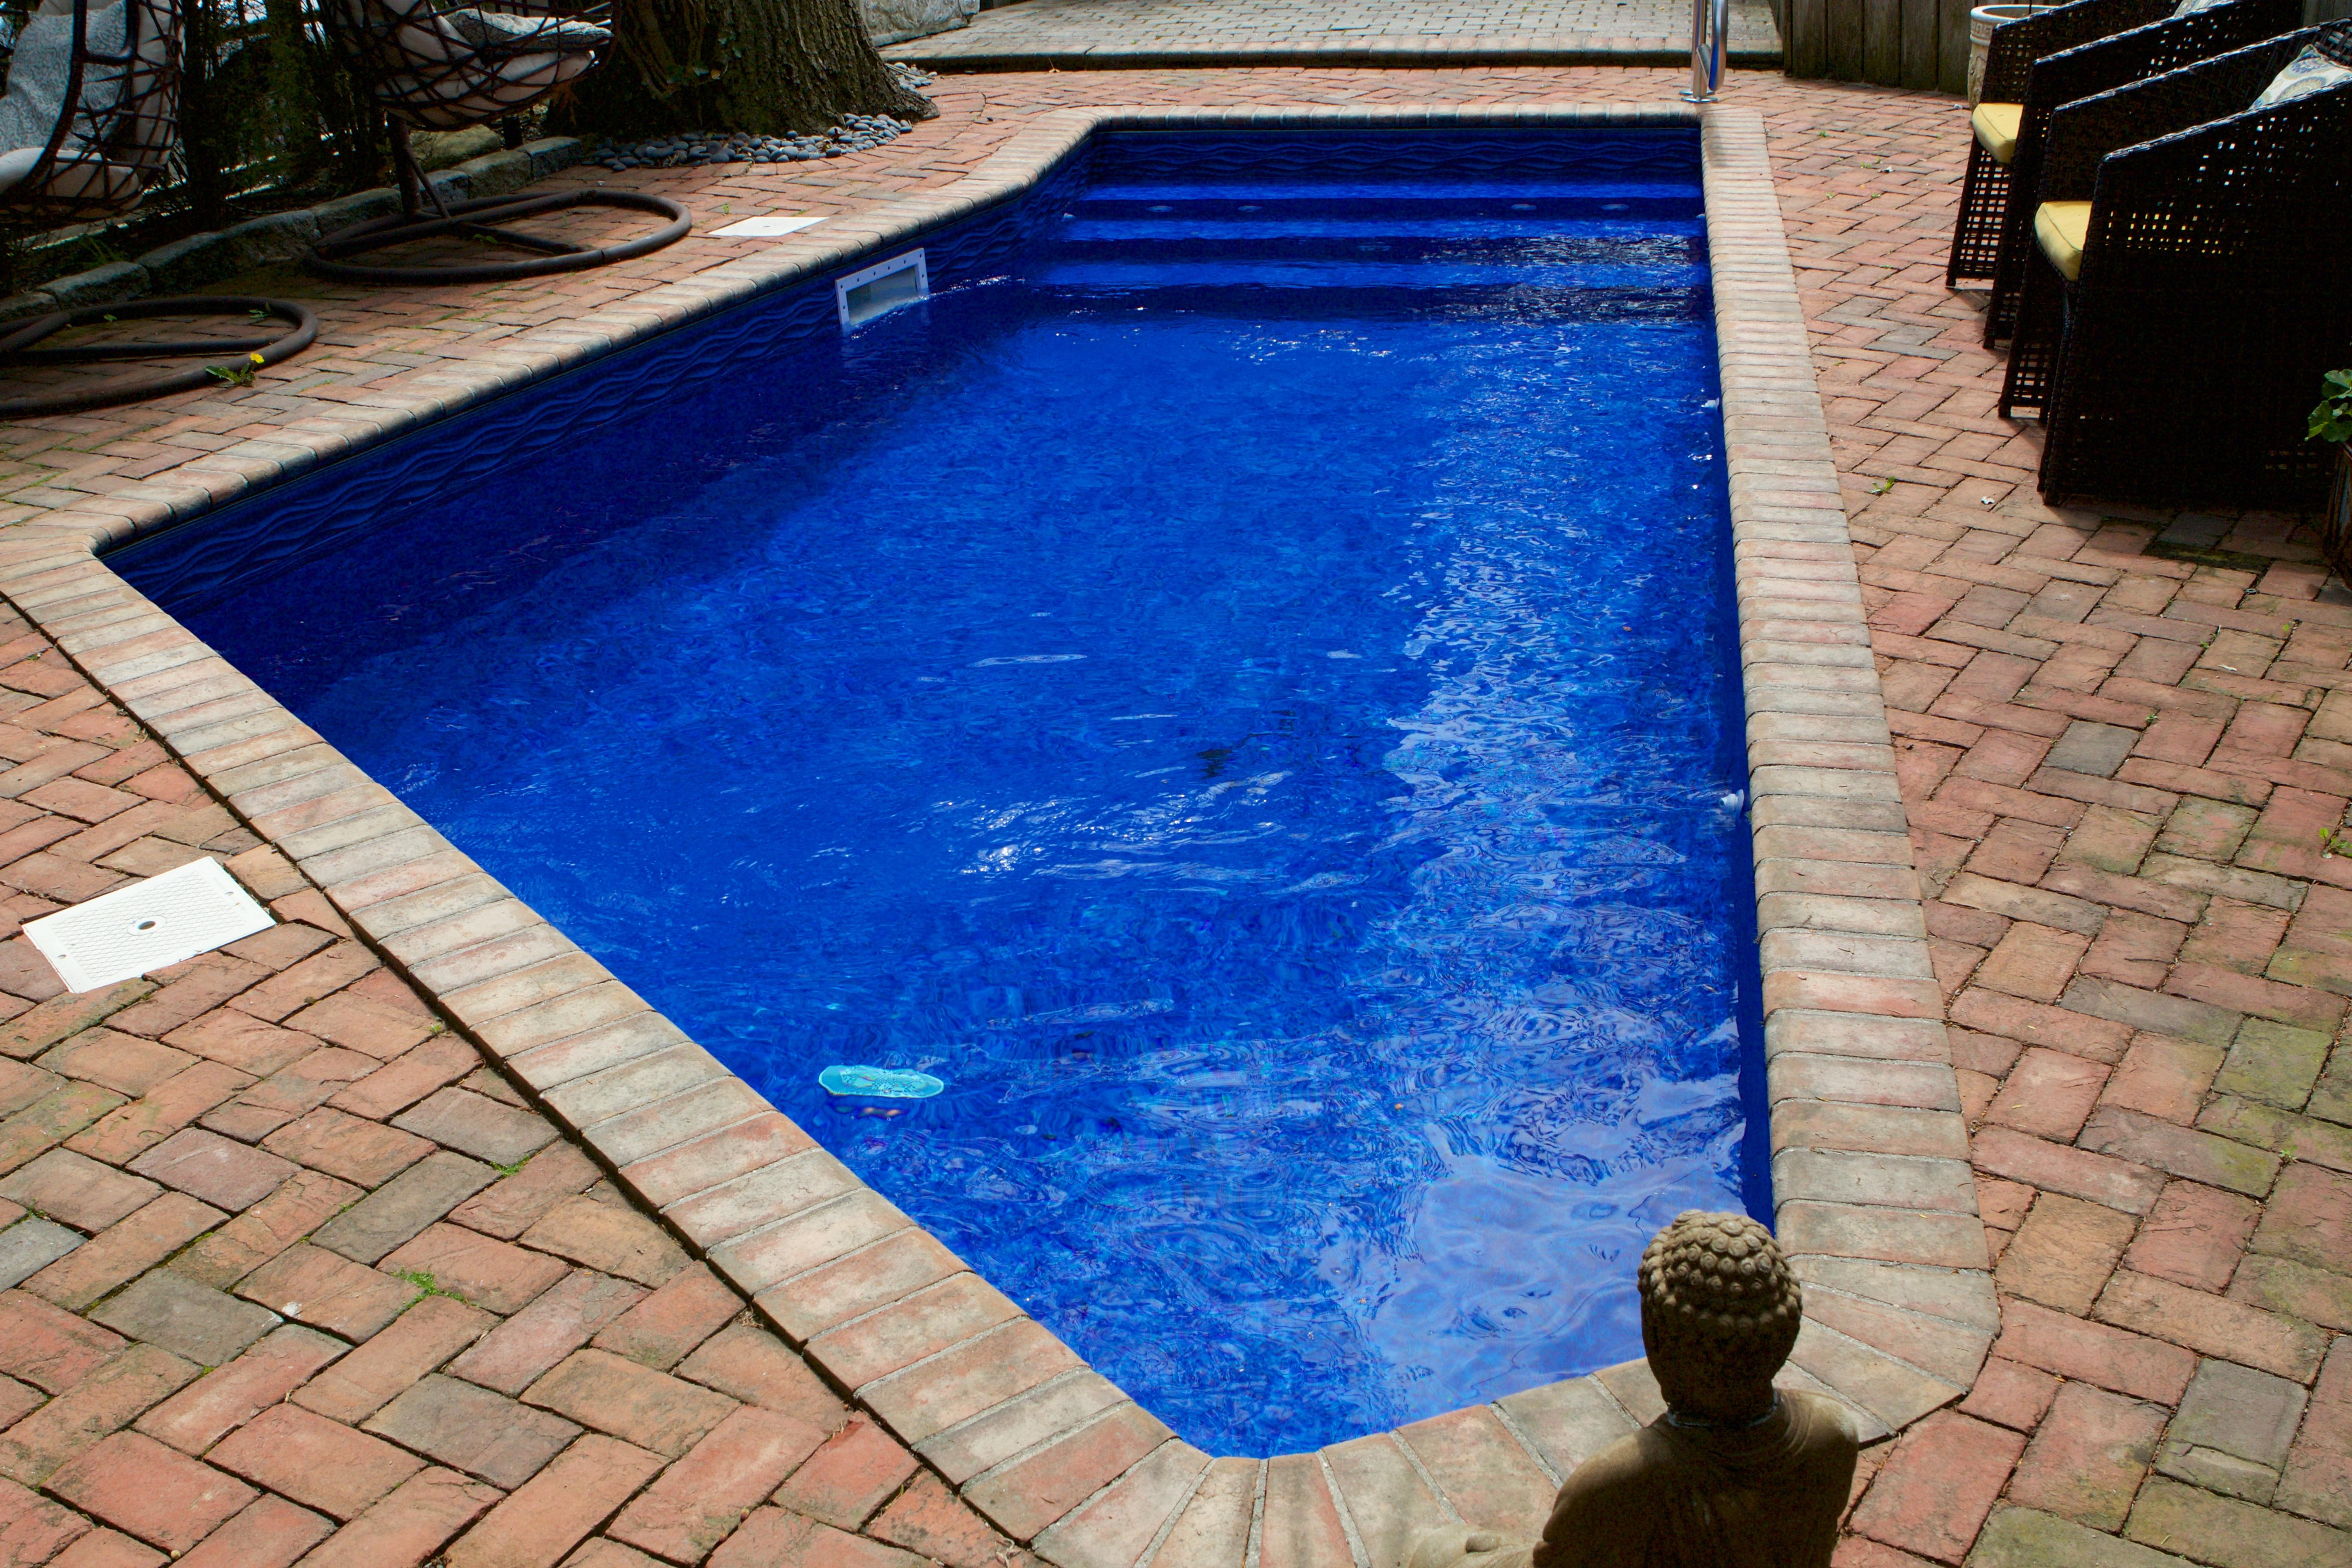 poolpic26